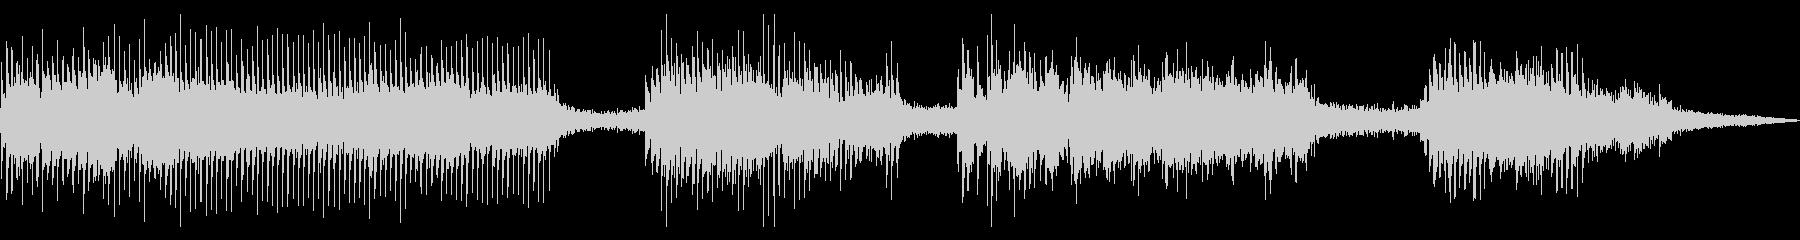 ドリル/電気ドリル,工事の効果音03の未再生の波形